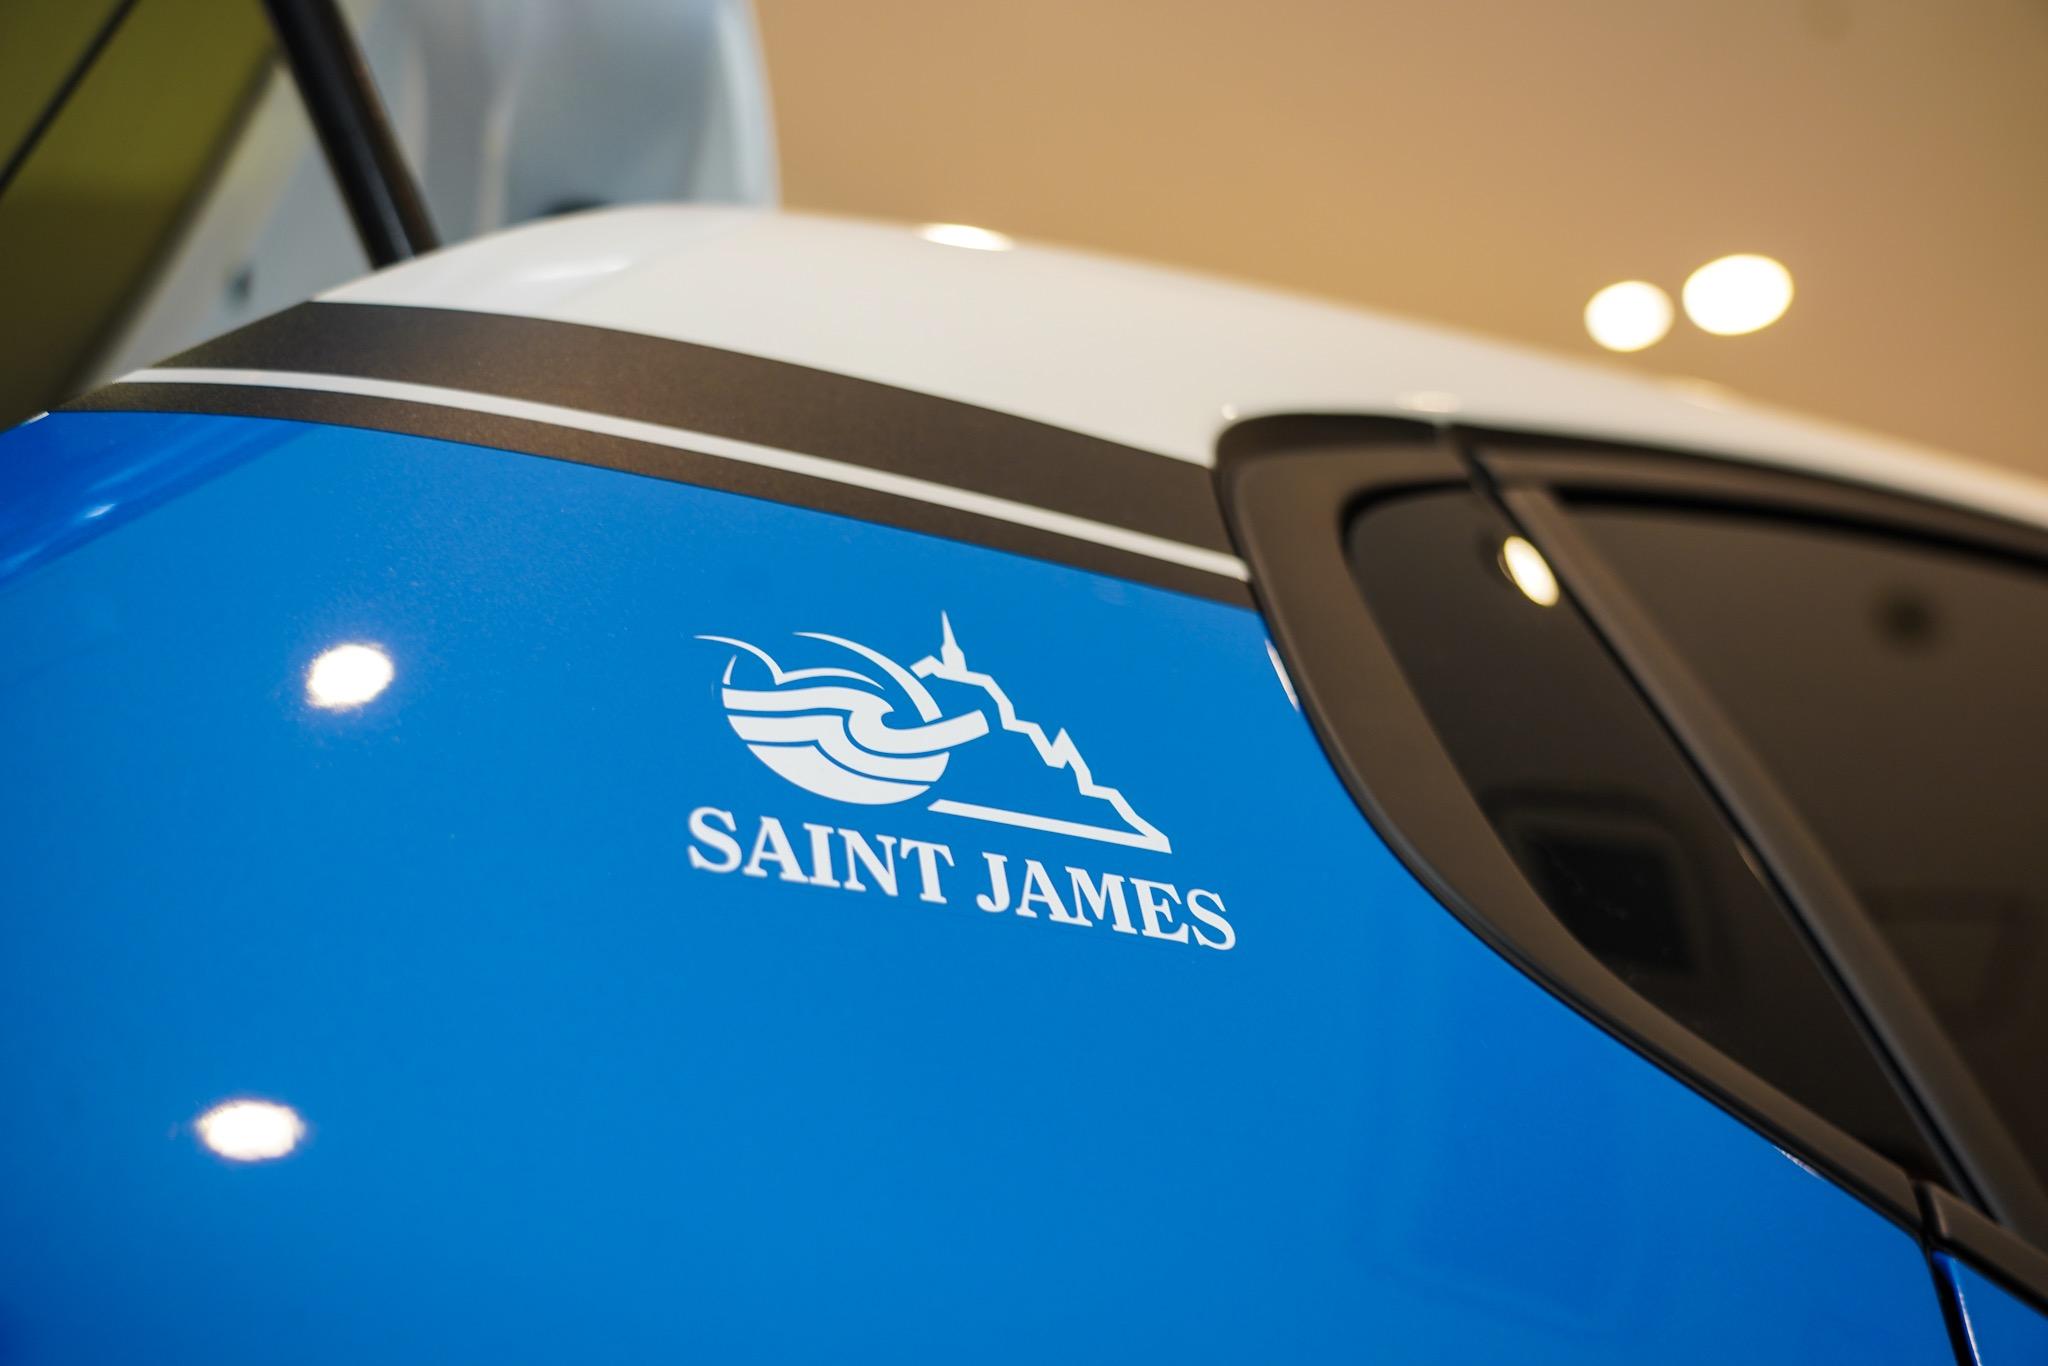 シトロエン C3 SAINT JAMES(セント・ジェームス)